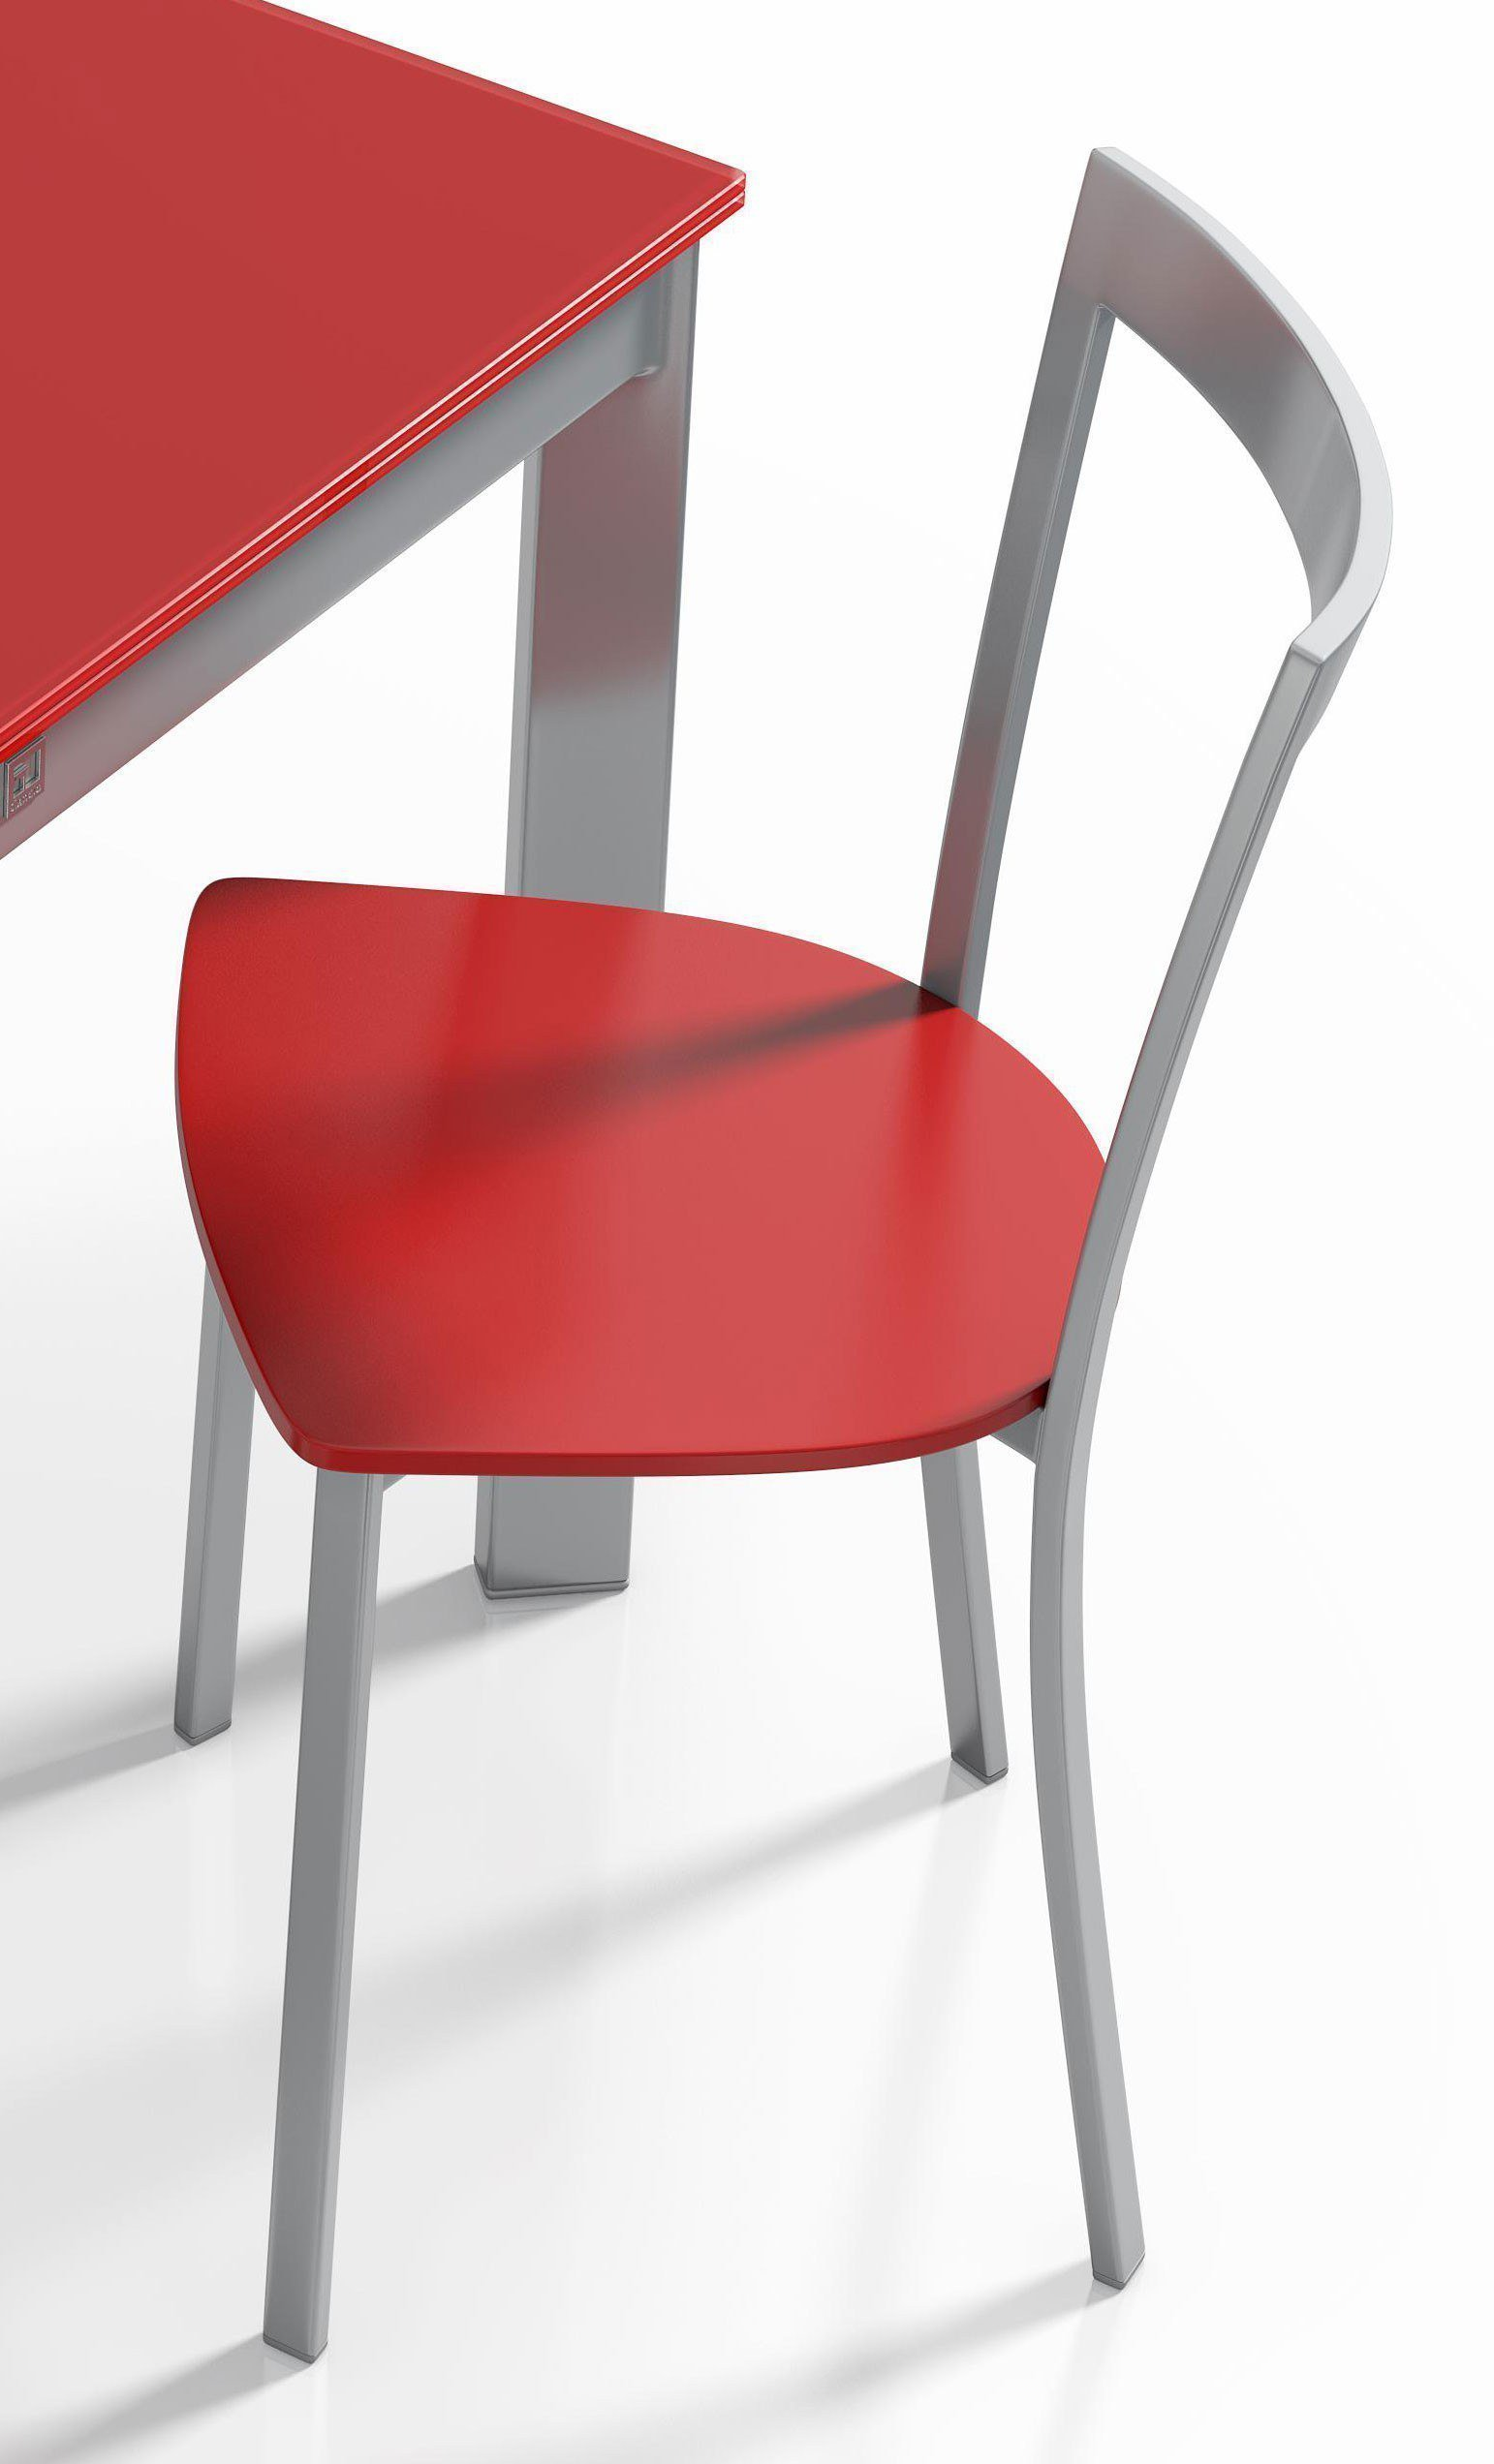 esstisch poker glas rot/ stahl von cancio | möbel letz - ihr, Esstisch ideennn